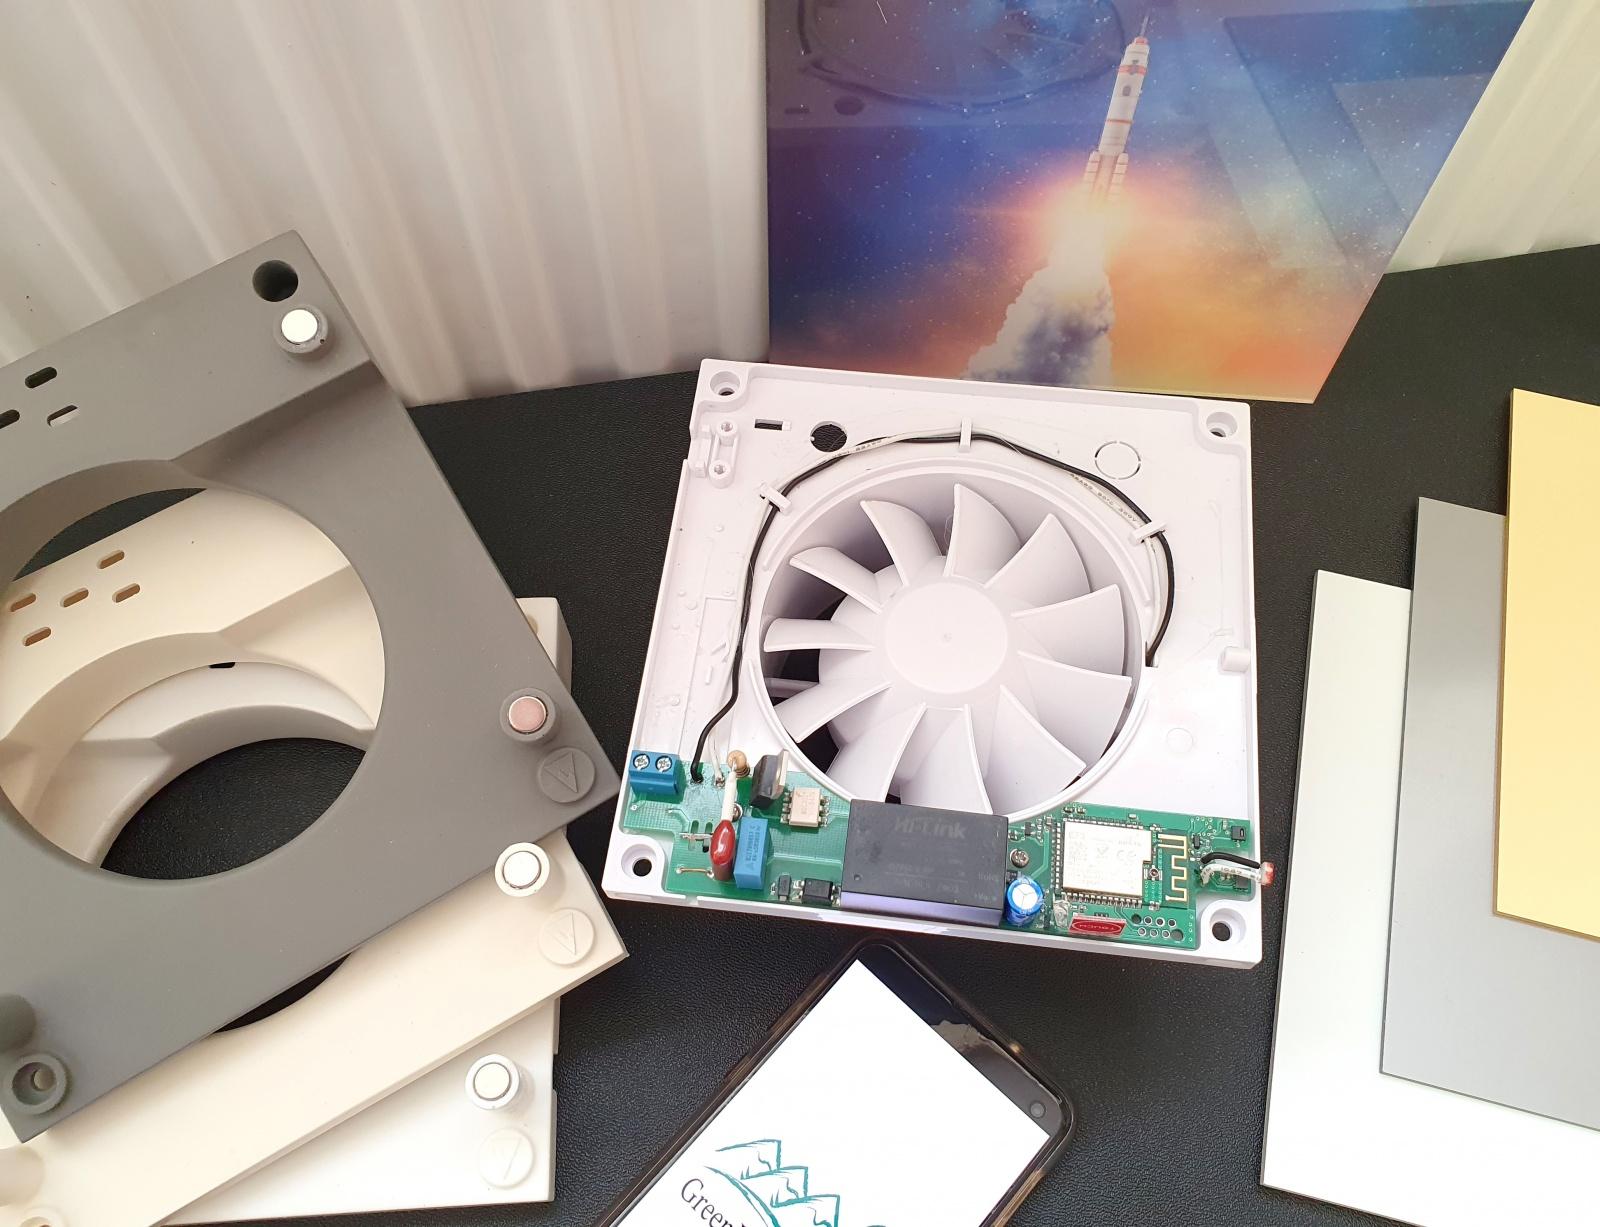 Зачем все ставят вентиляторы в туалет или как мы решили сделать умный вентилятор, история по DIY - 1